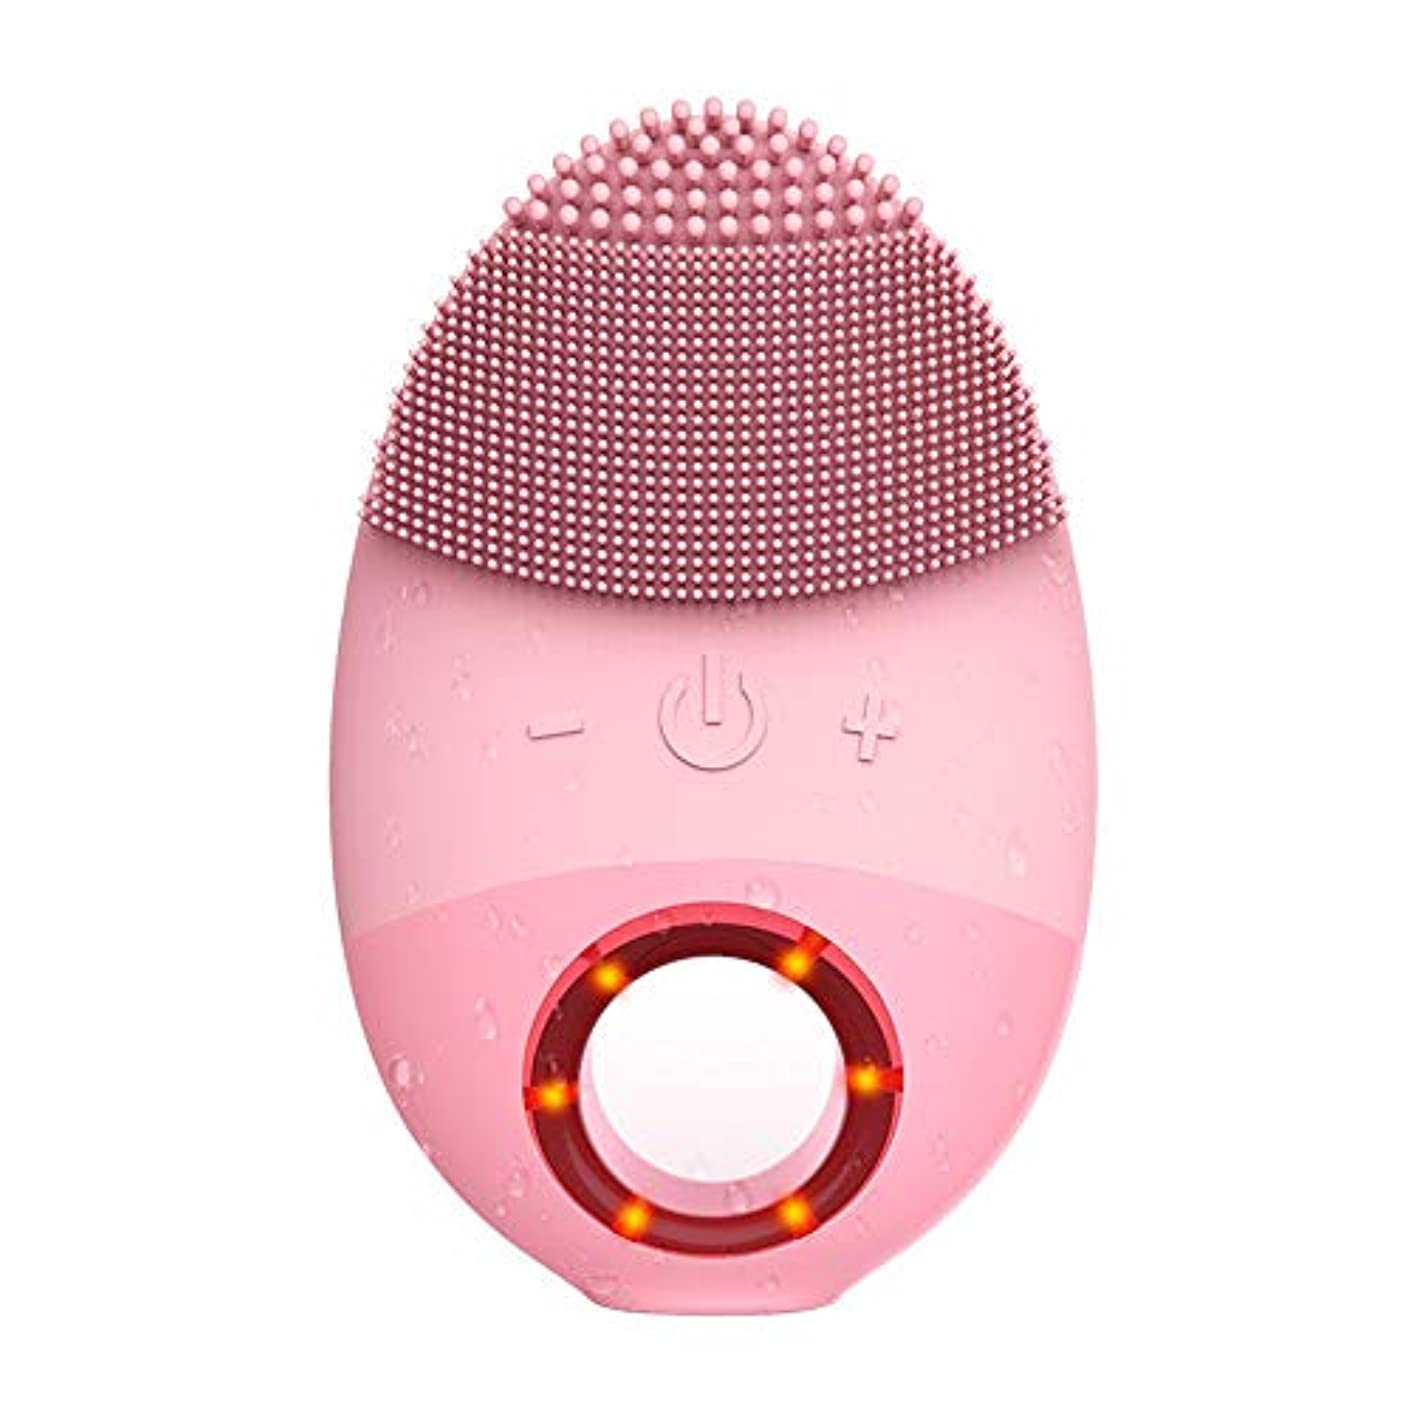 ZXF 多機能シリコン防水洗浄ブラシ超音波振動洗浄器具美容器具マッサージ器具洗浄器具 滑らかである (色 : Pink)